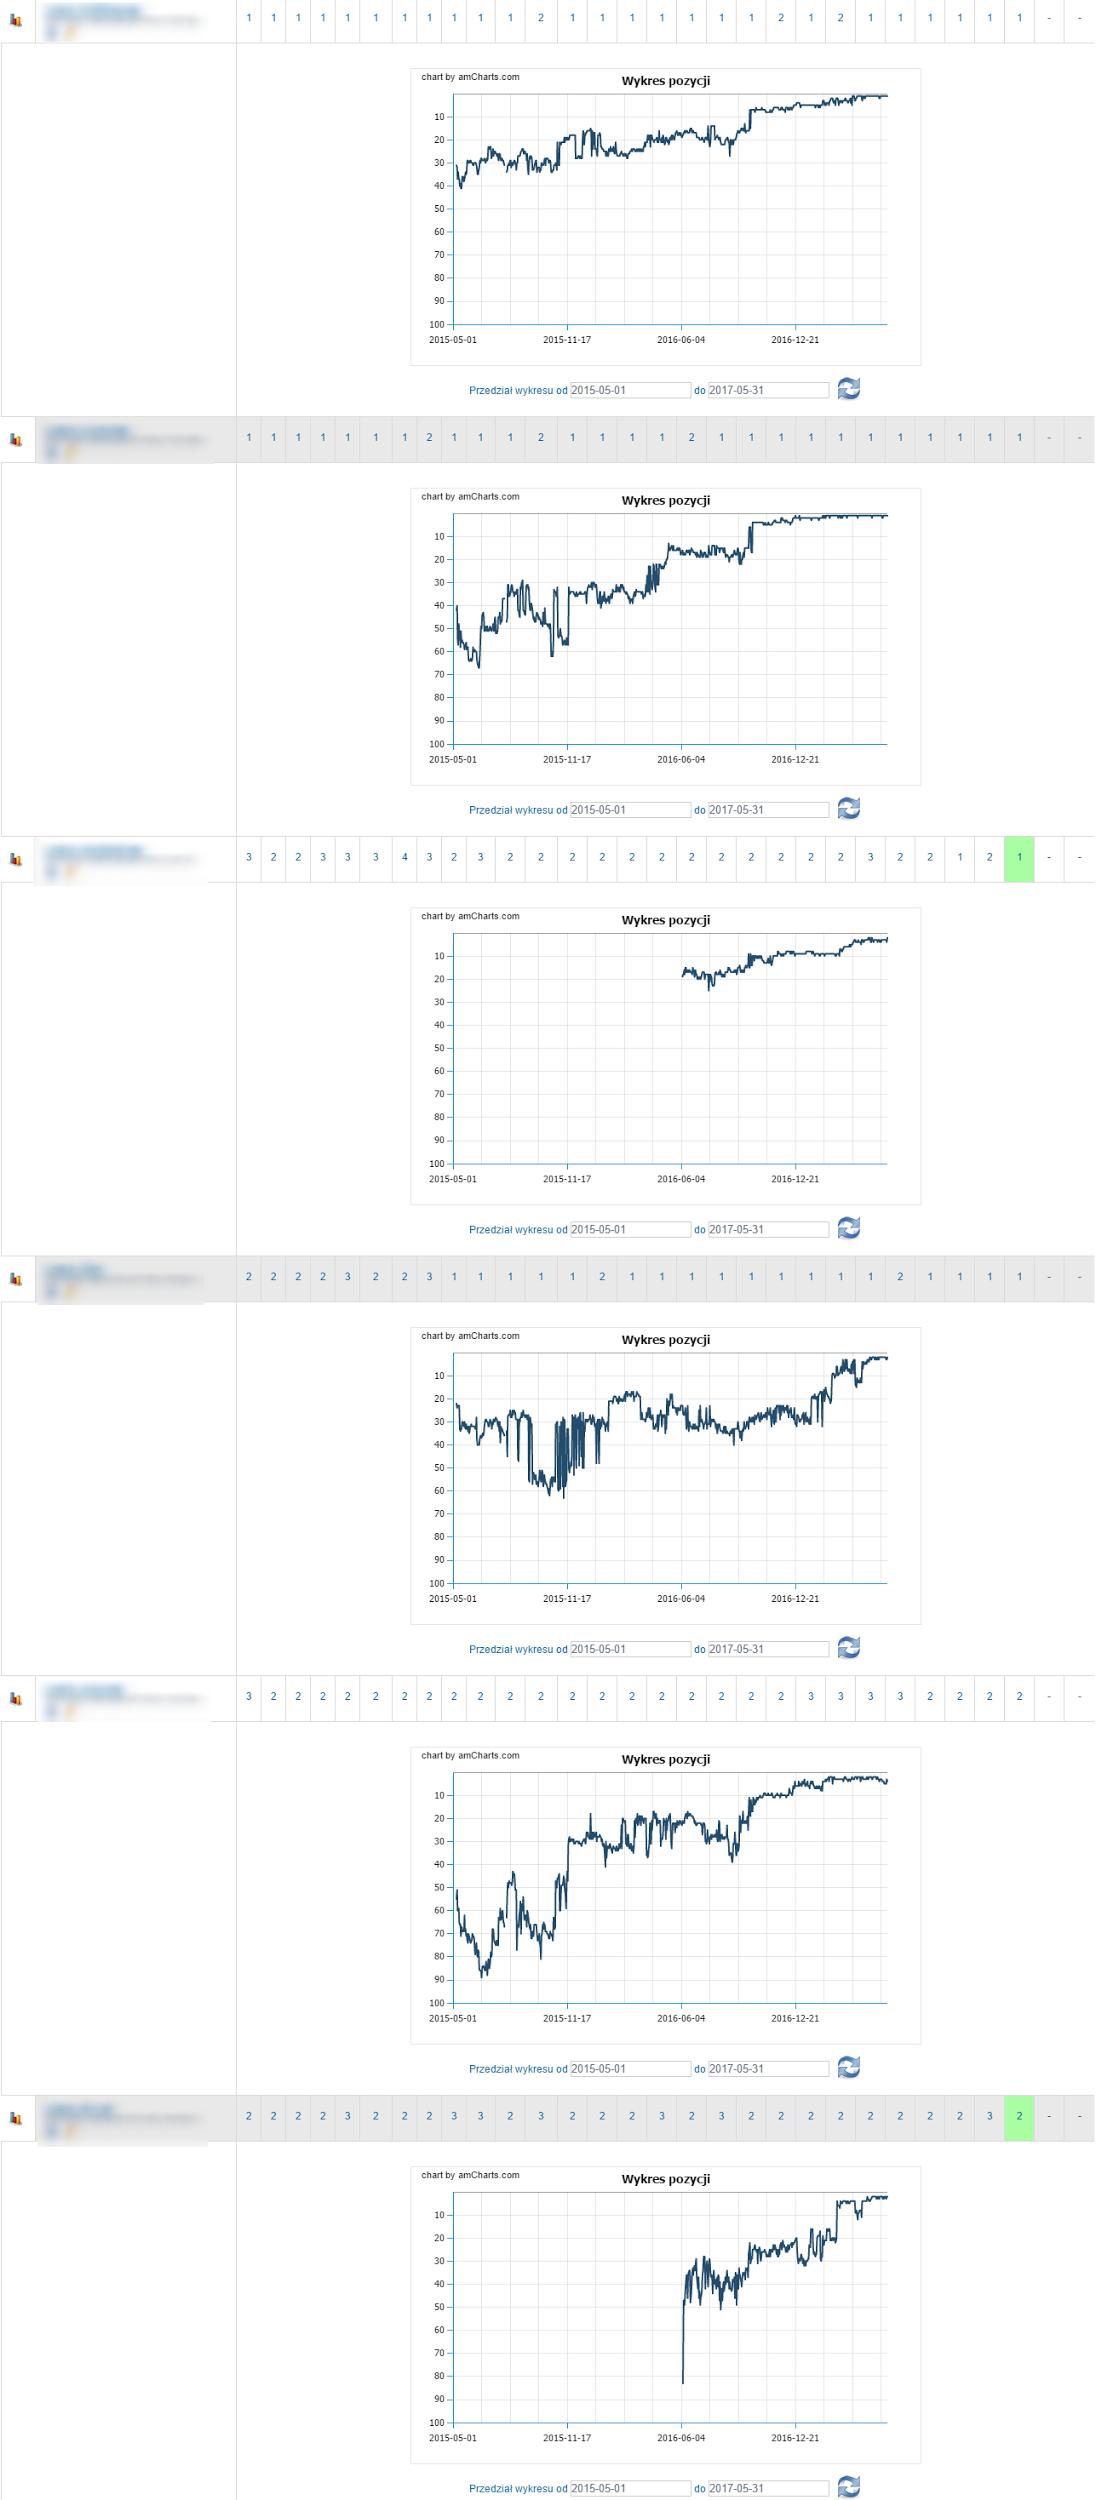 kilka przykładowych pozycji sklepu na konkretne słowa kluczowe i wykresy przedstawiające całą ich historię od czasu rozpoczęcia do dnia dzisiejszego